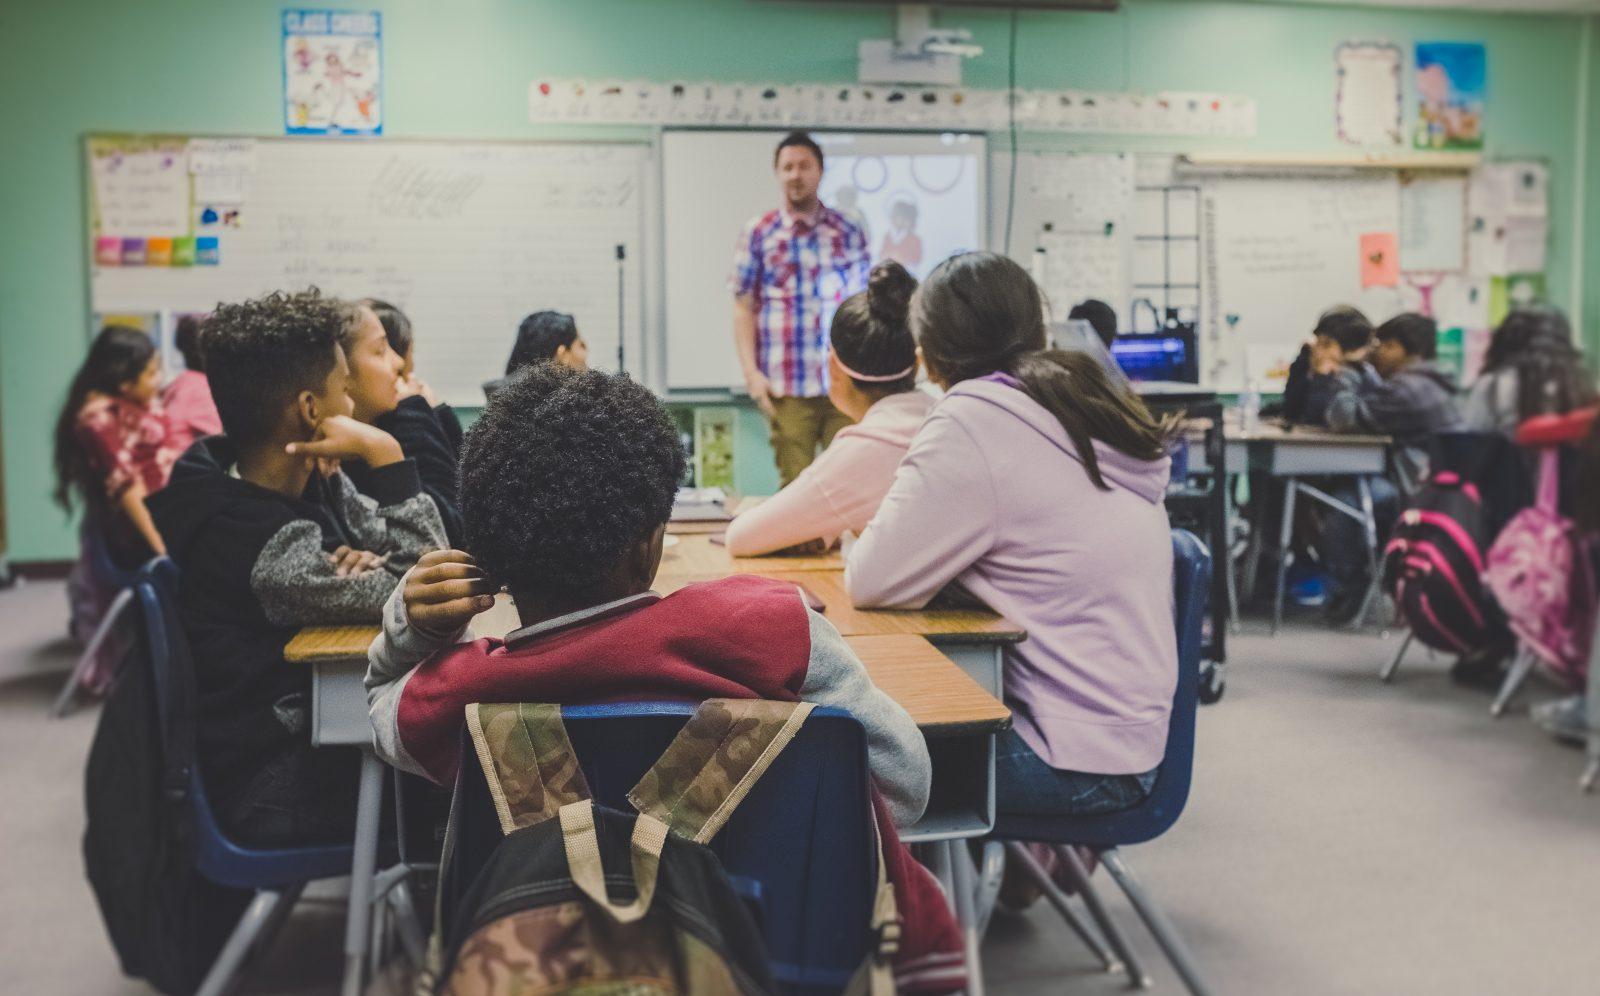 Sexualité : qu'apprennent les jeunes à l'école?